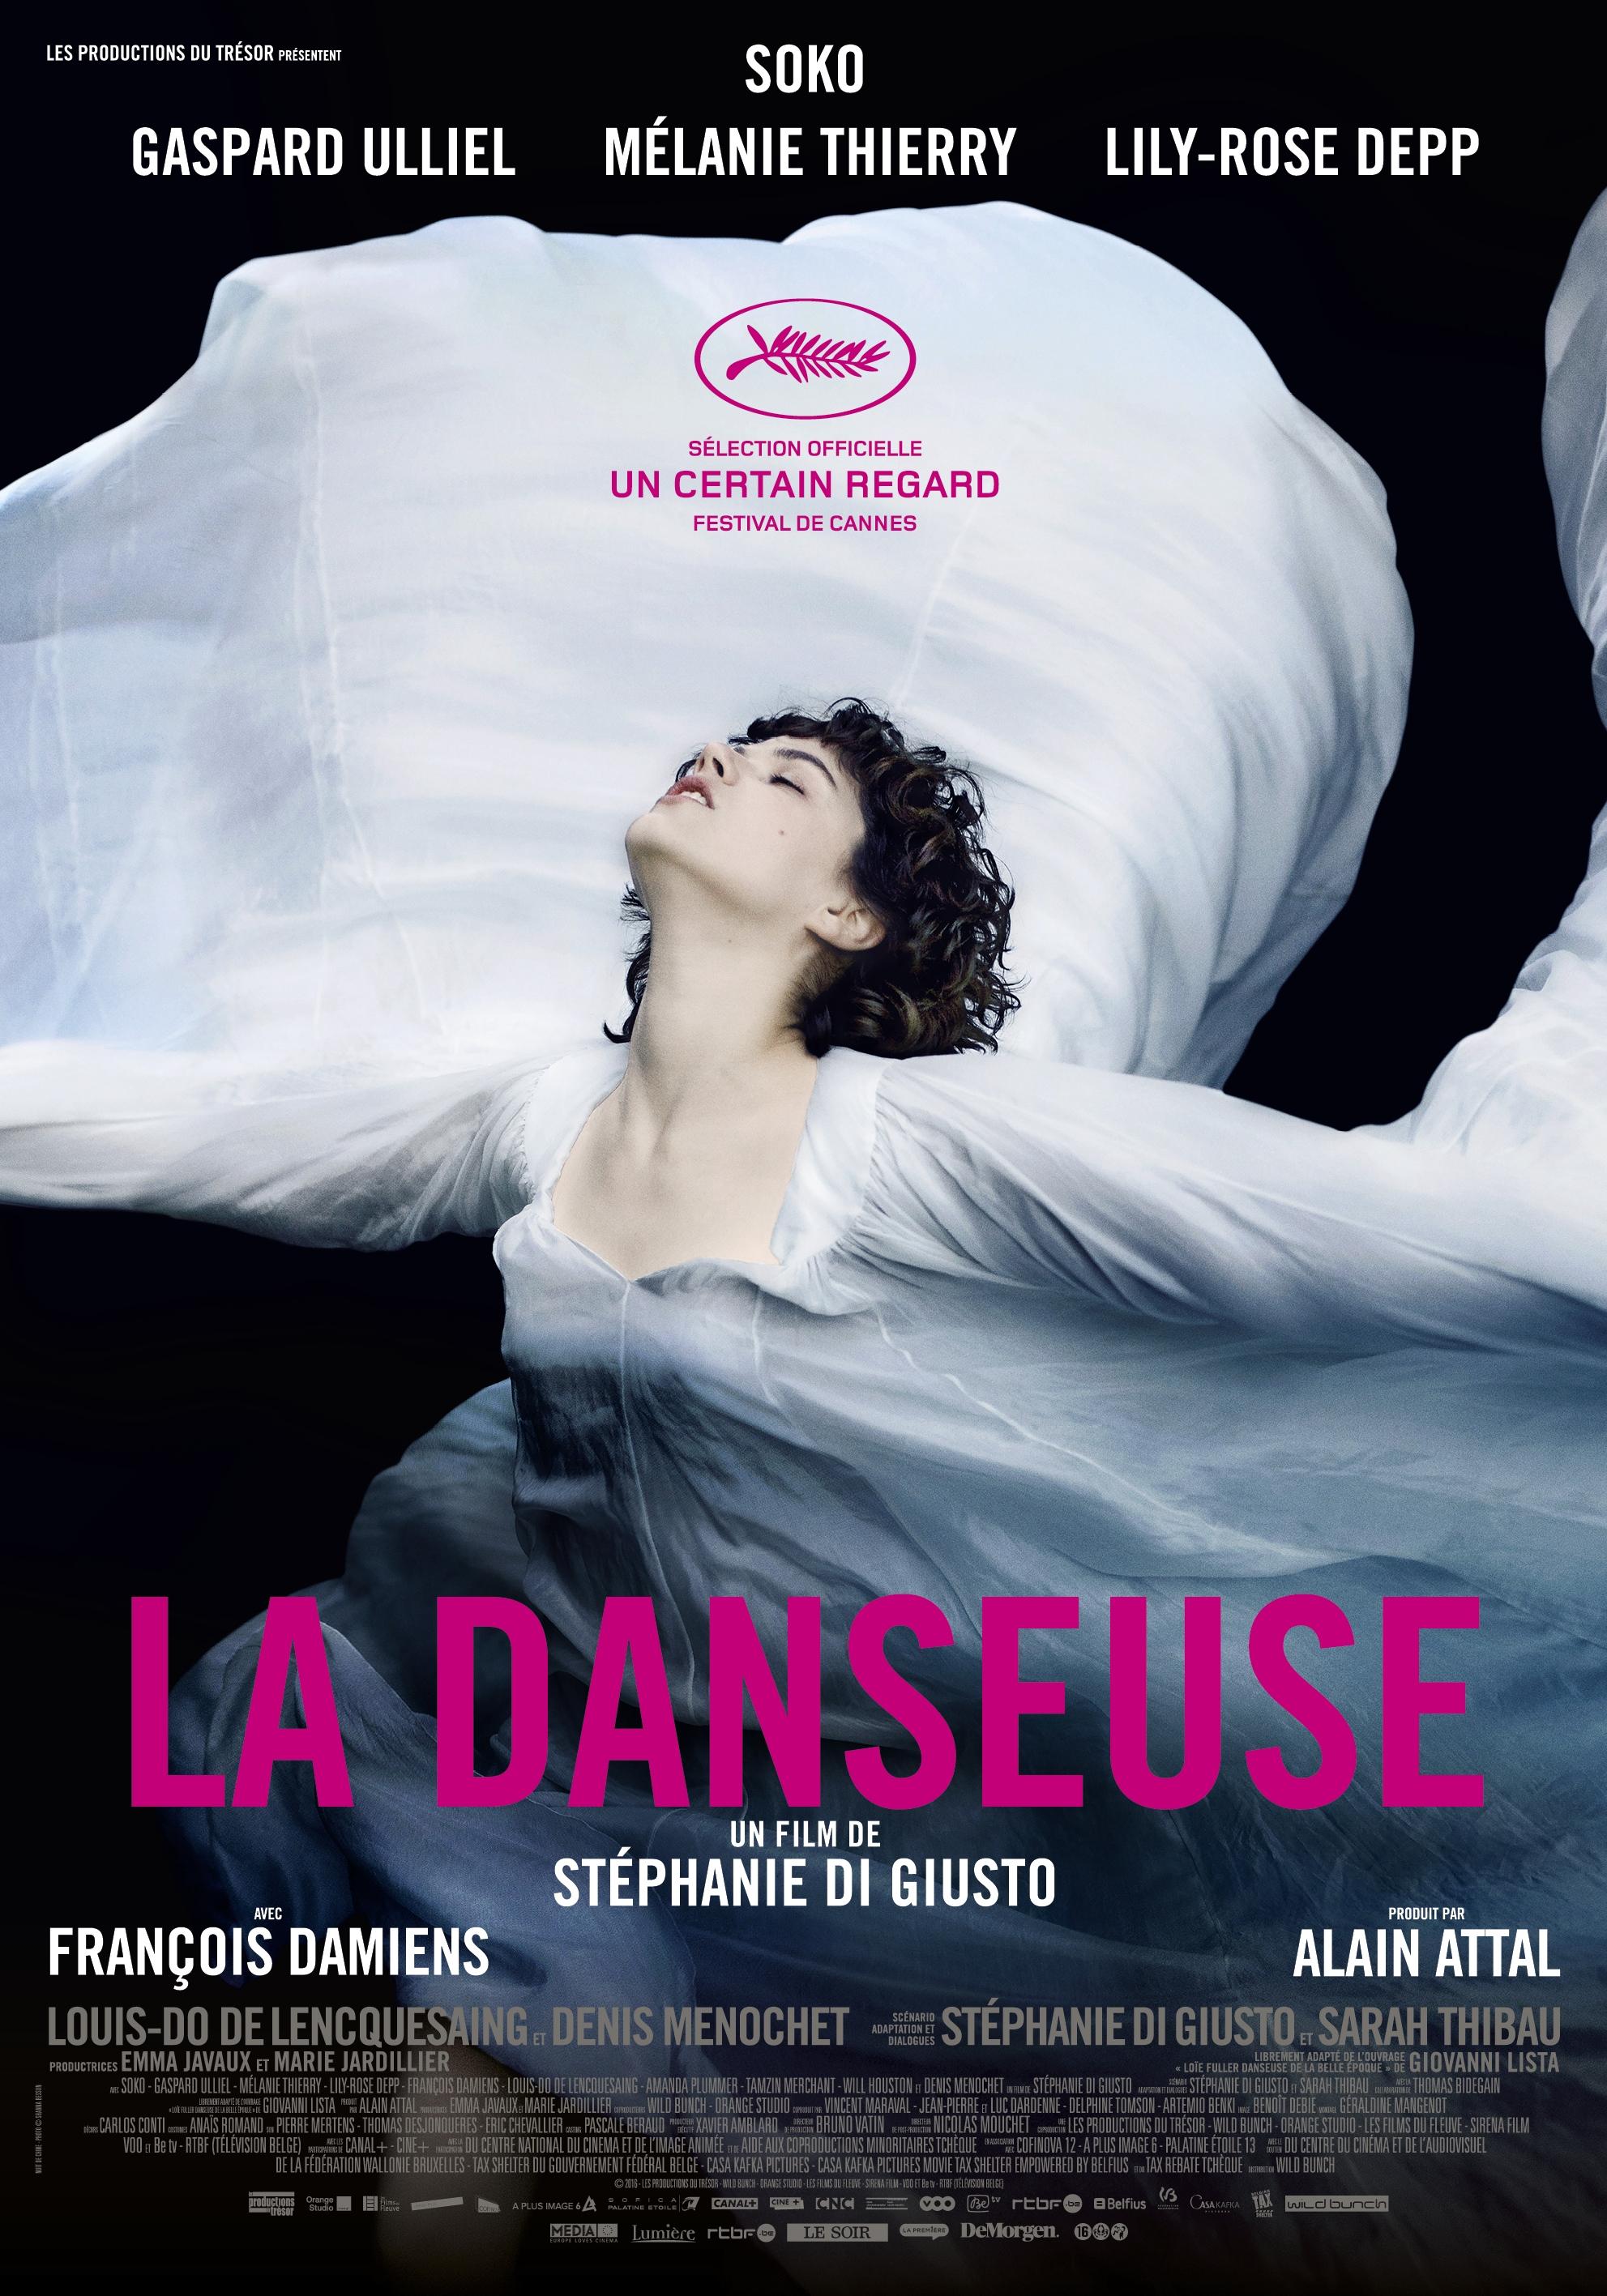 La danseuse poster, © 2016 Lumière